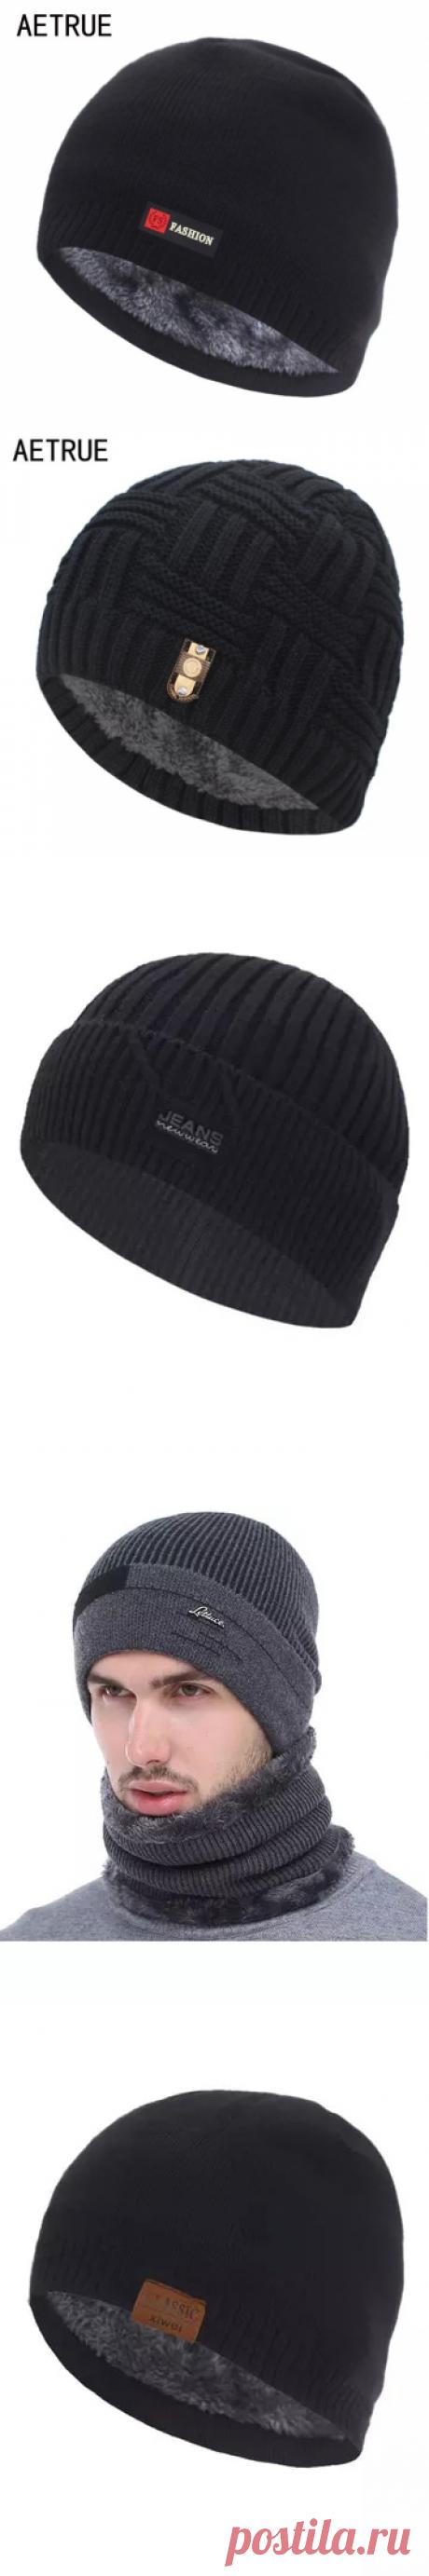 Шапочки, облегающие шапки, Мужская зимняя шапка, женские и мужские вязаные шапки для мужчин, головной убор, толстая теплая меховая шапка без козырька, мужская шапка Мужская Skullies & шапочки